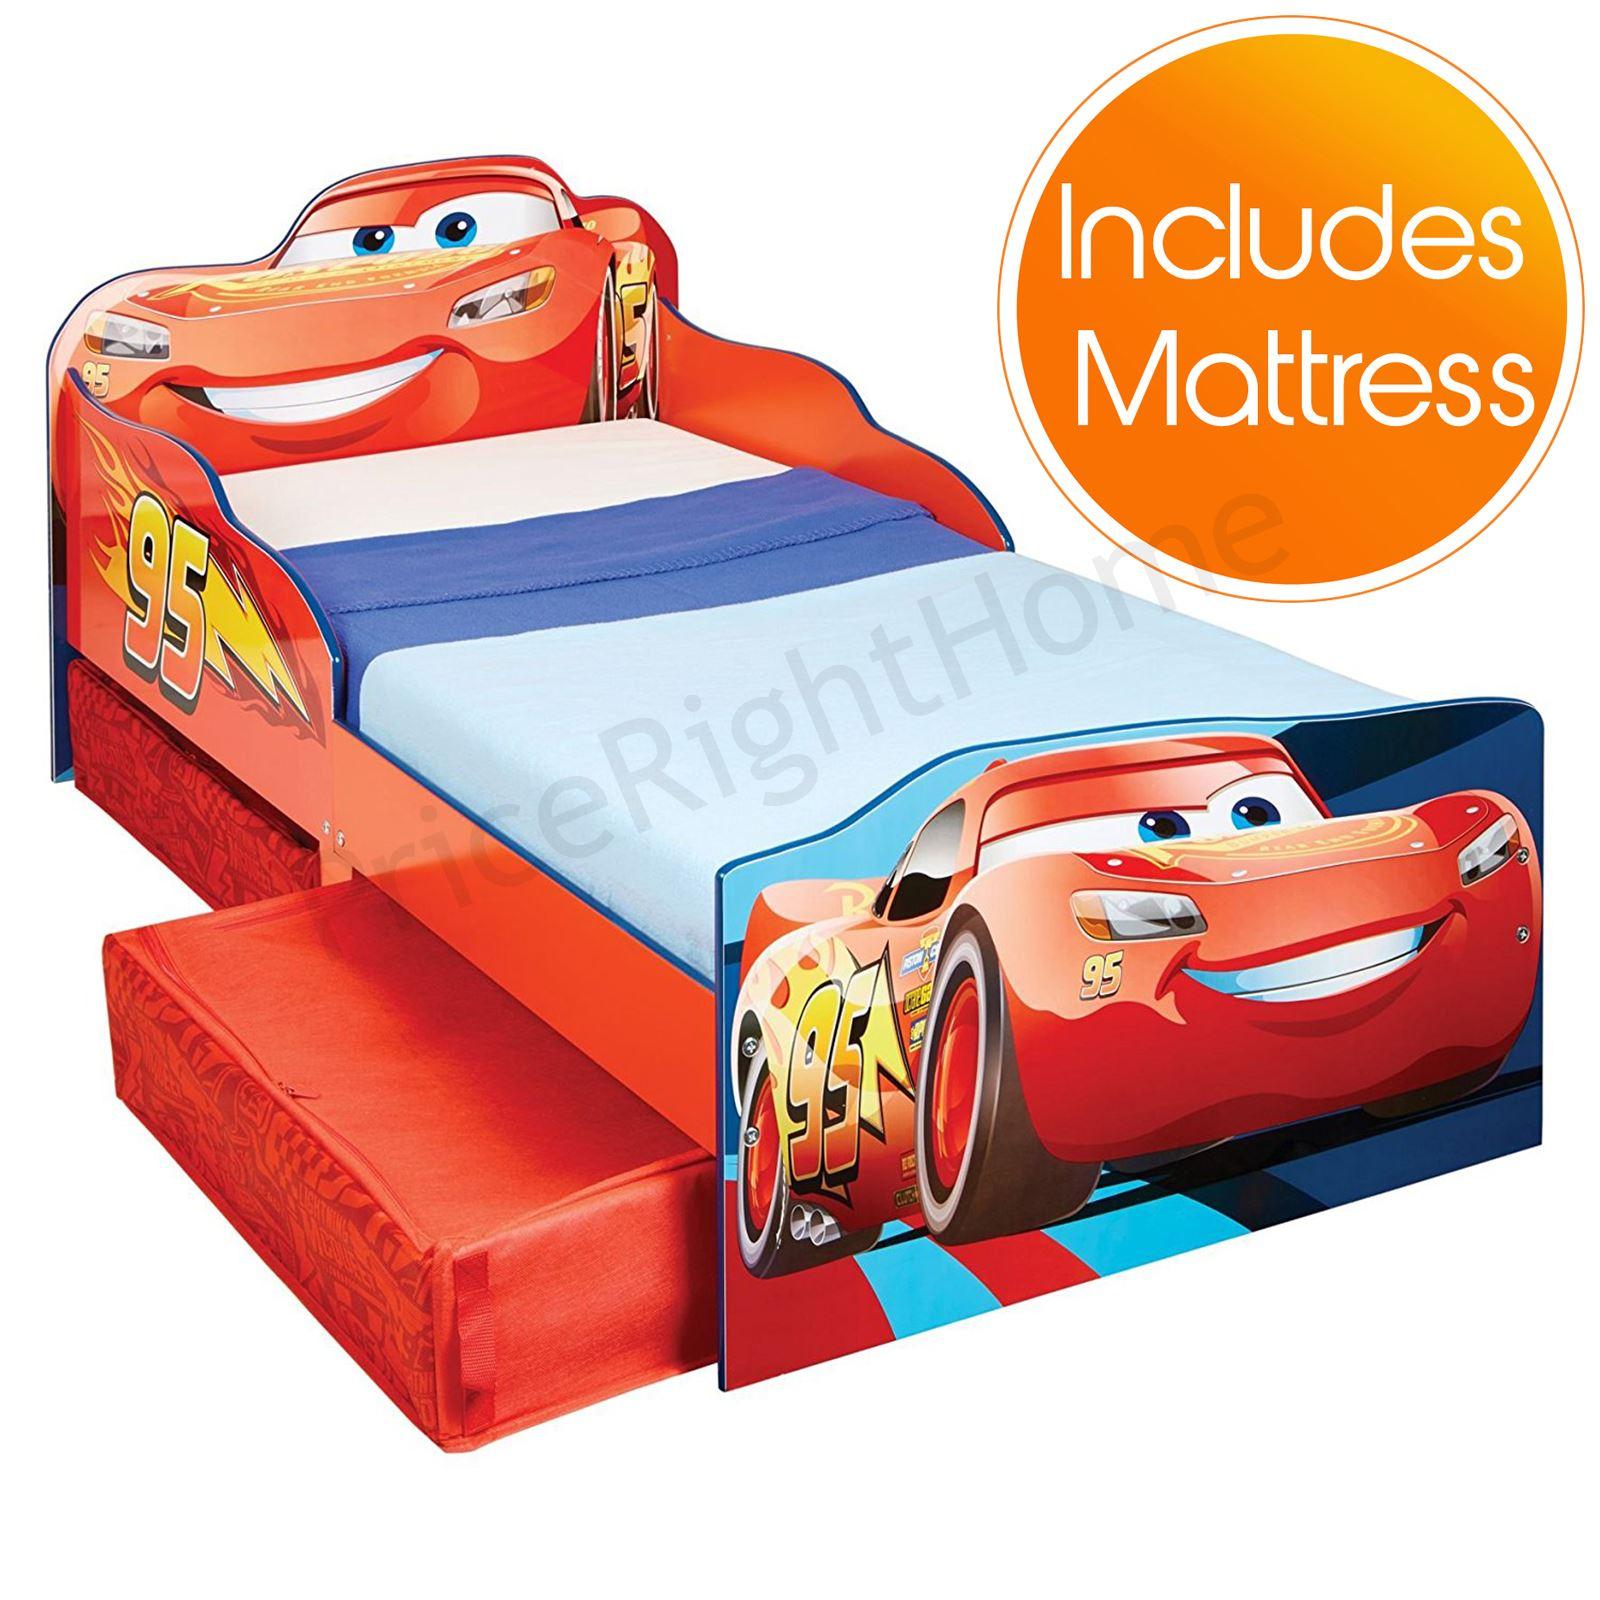 Letto Di Cars.Dettagli Su Disney Cars Saetta Mcqueen Junior Lettino Con Contenitore Materasso Opzioni